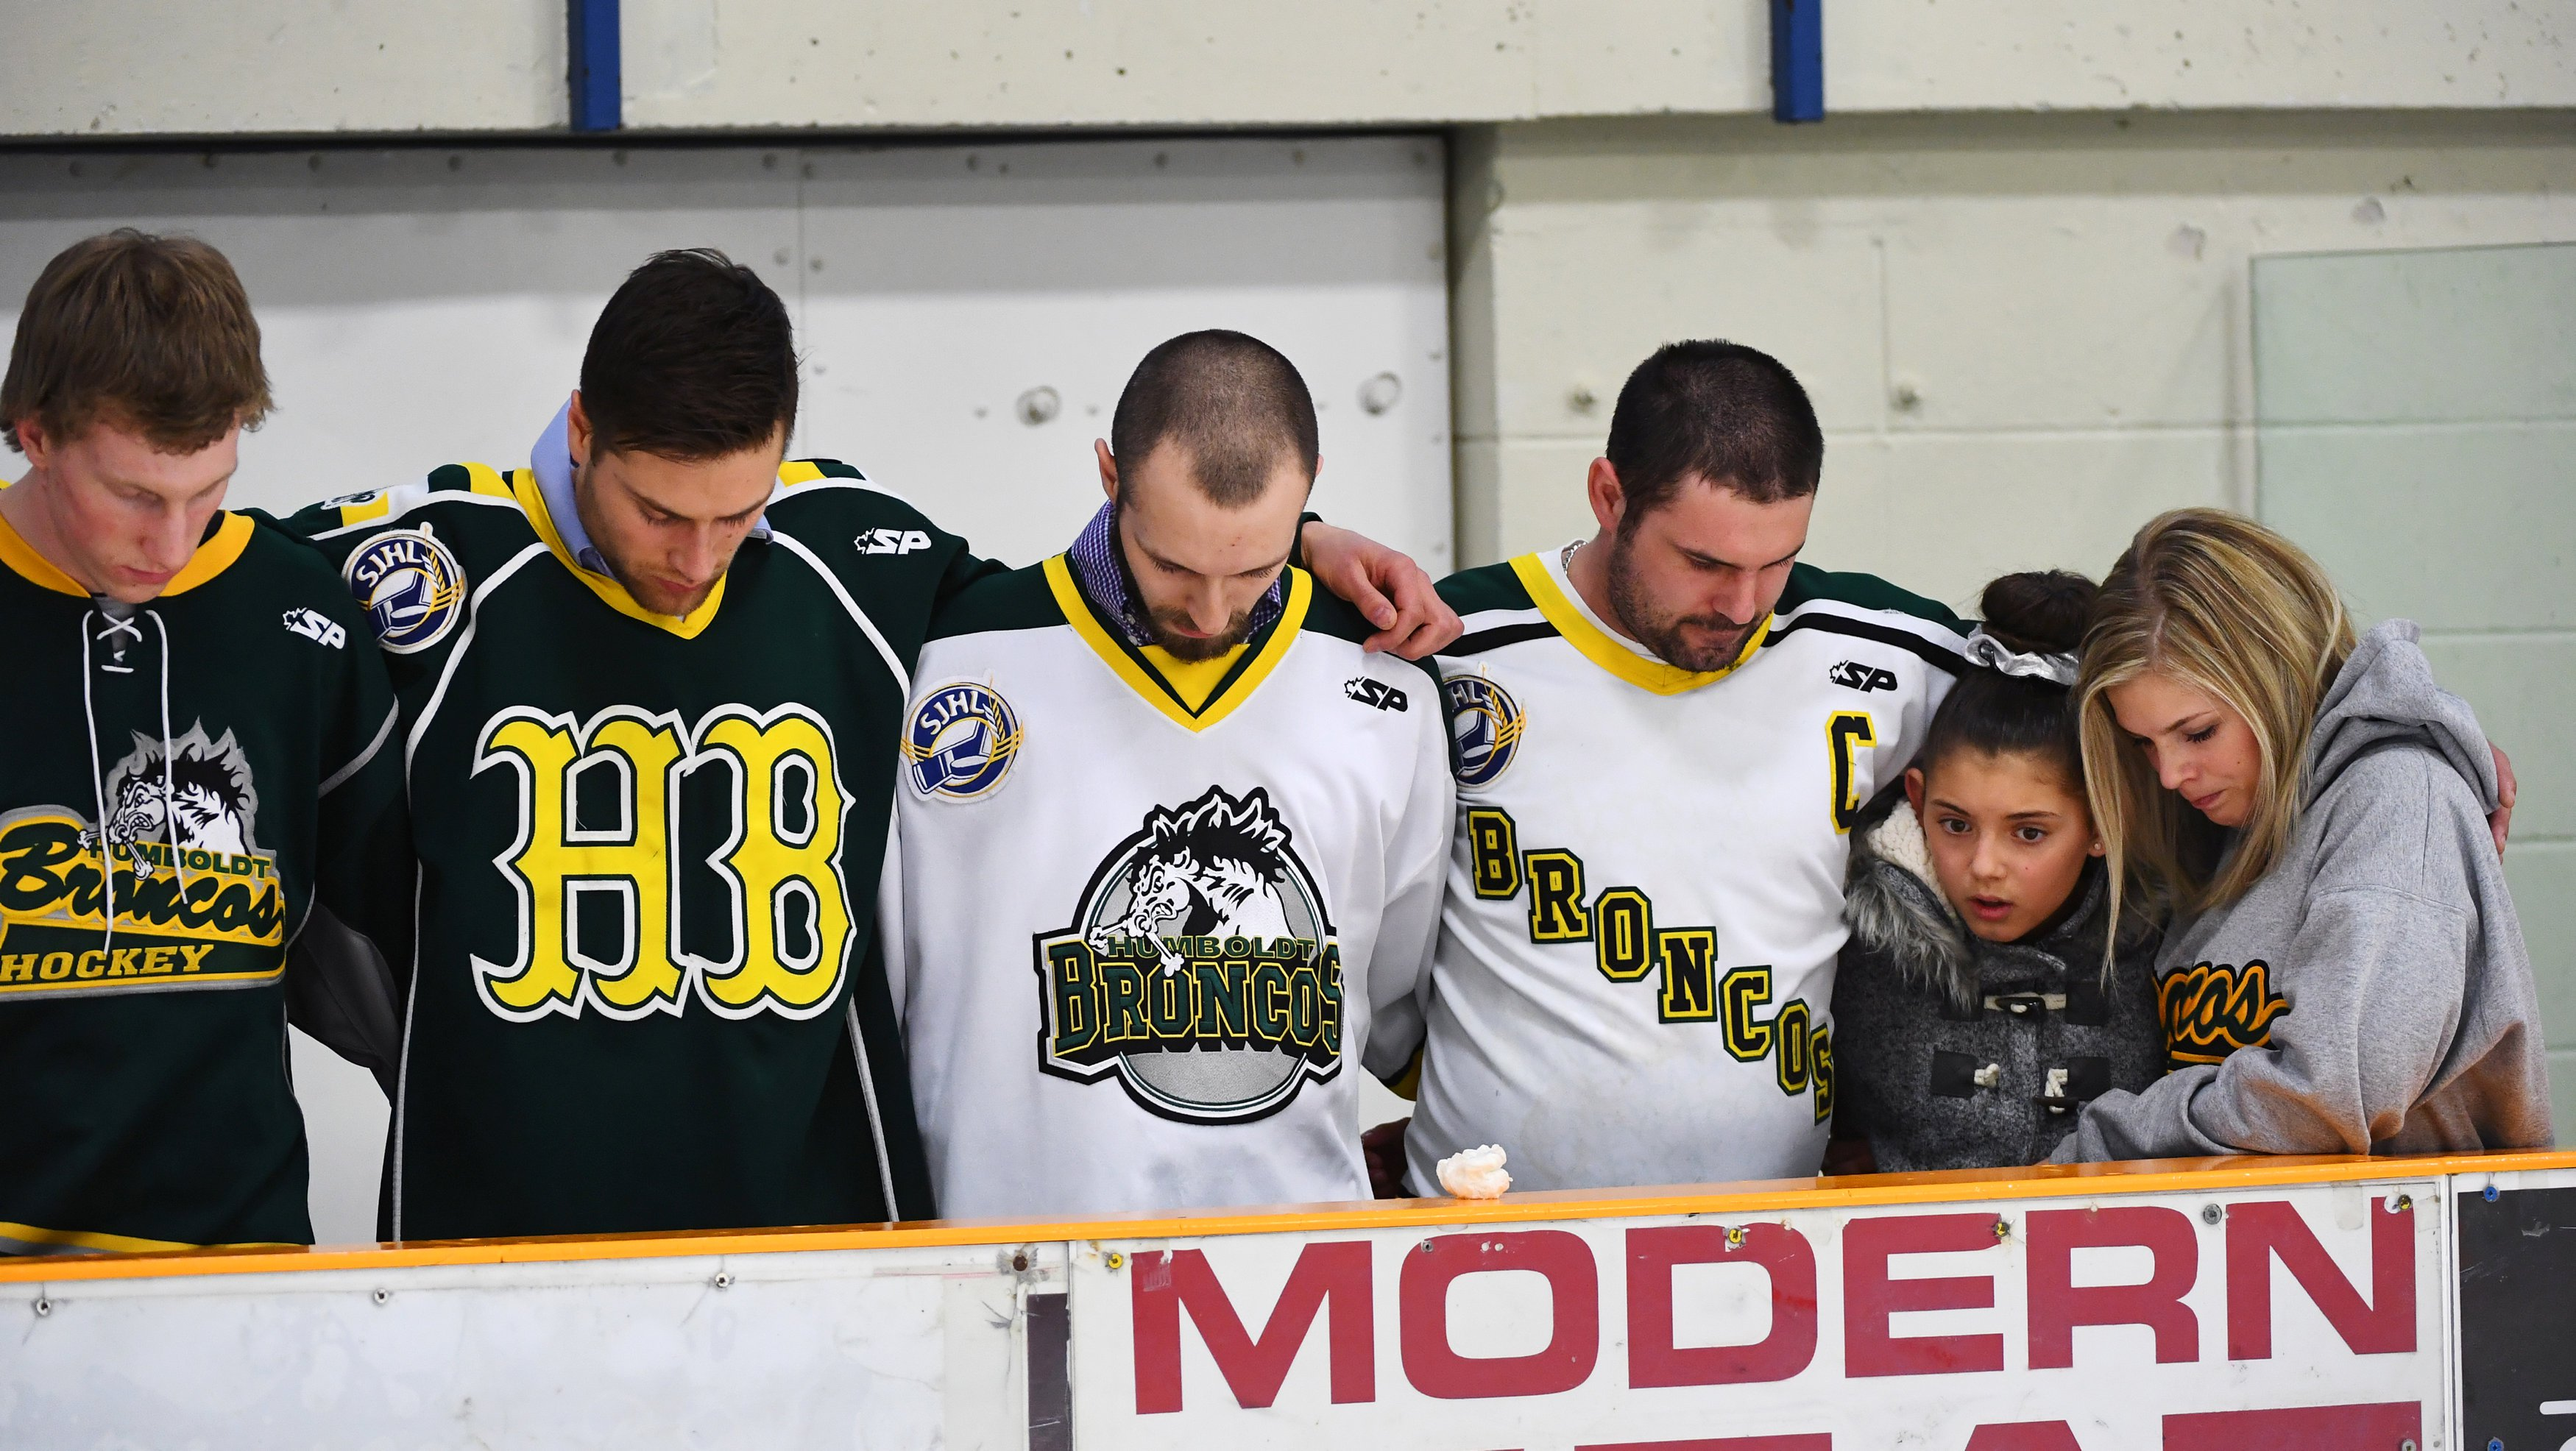 Aumenta a 16 los muertos en accidente de equipo canadiense de hockey